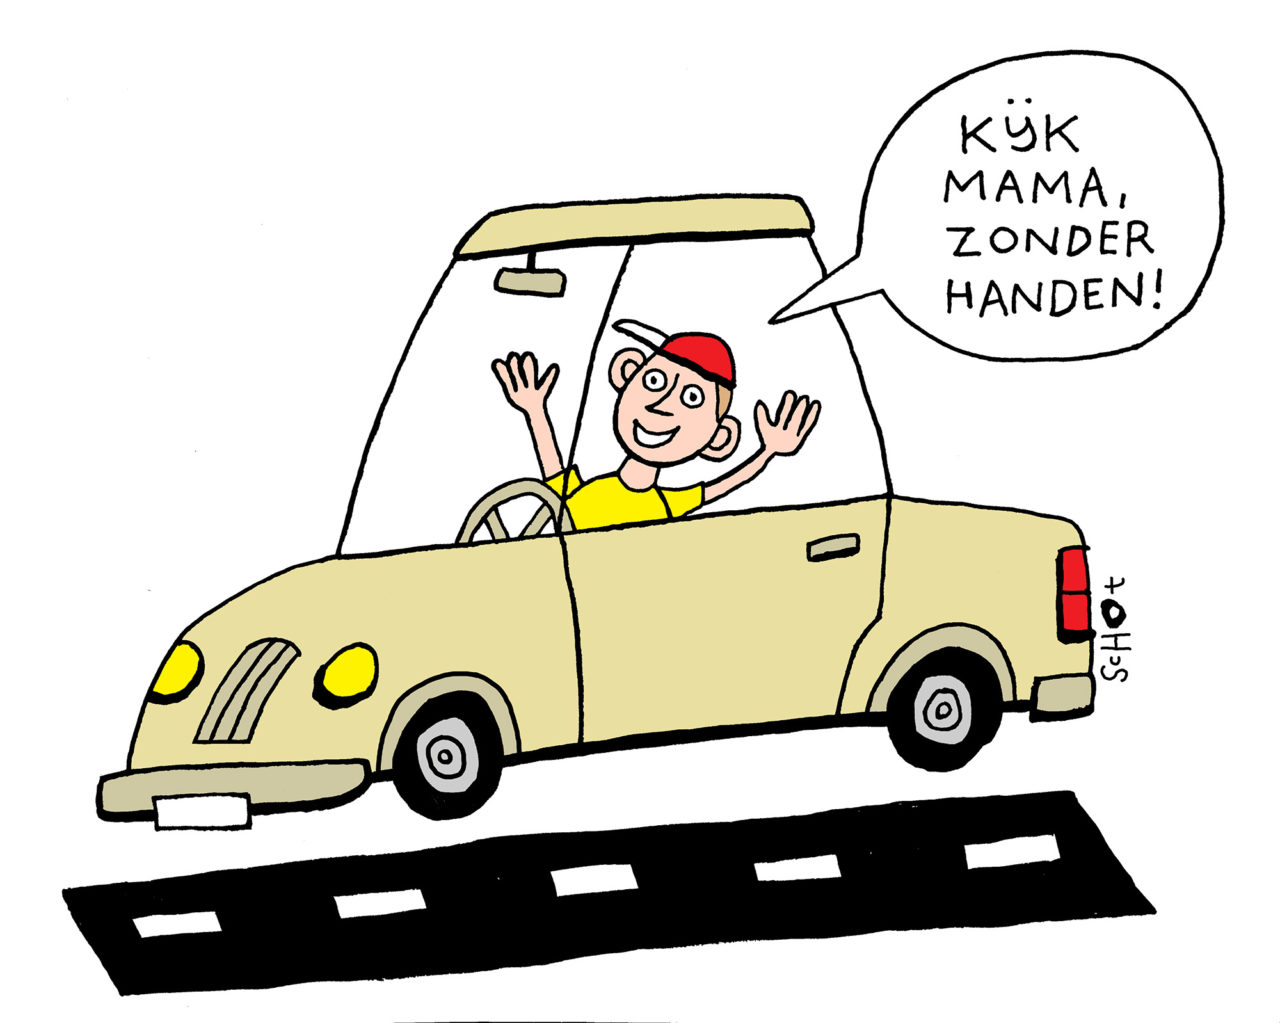 em-zelfrijdende auto zonder handen